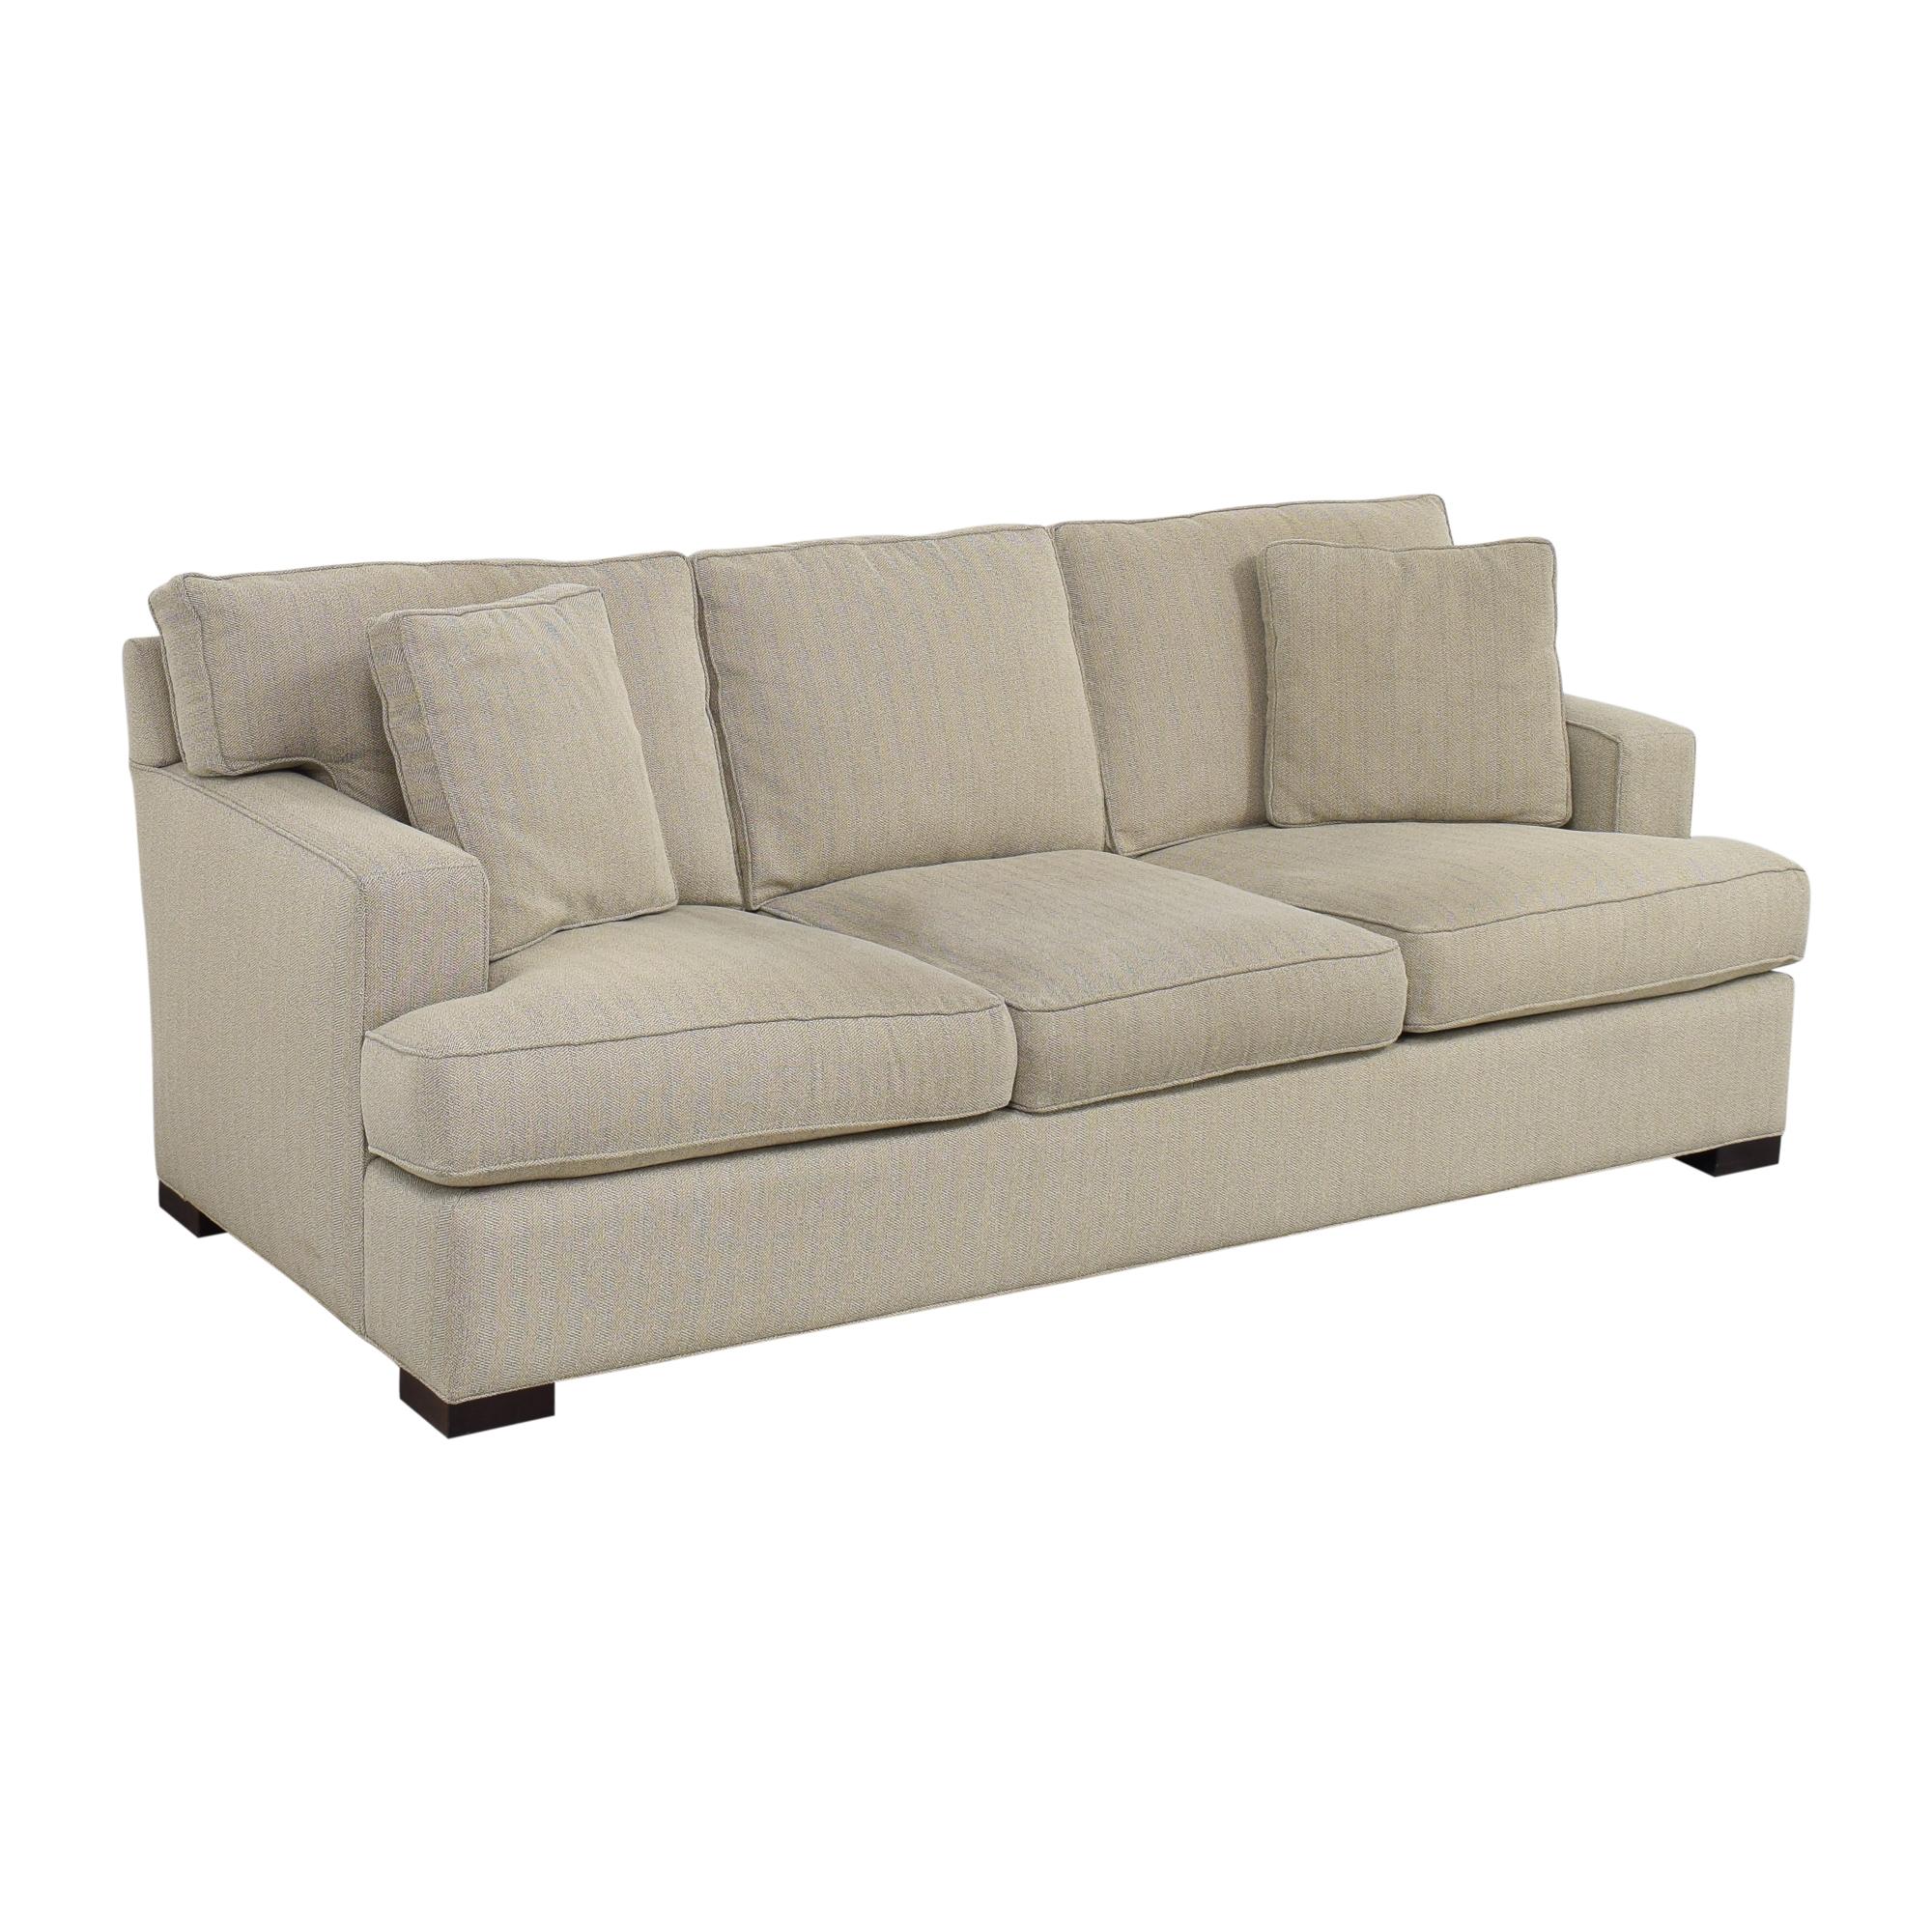 buy Arhaus Arhaus Dune Three Cushion Sofa online